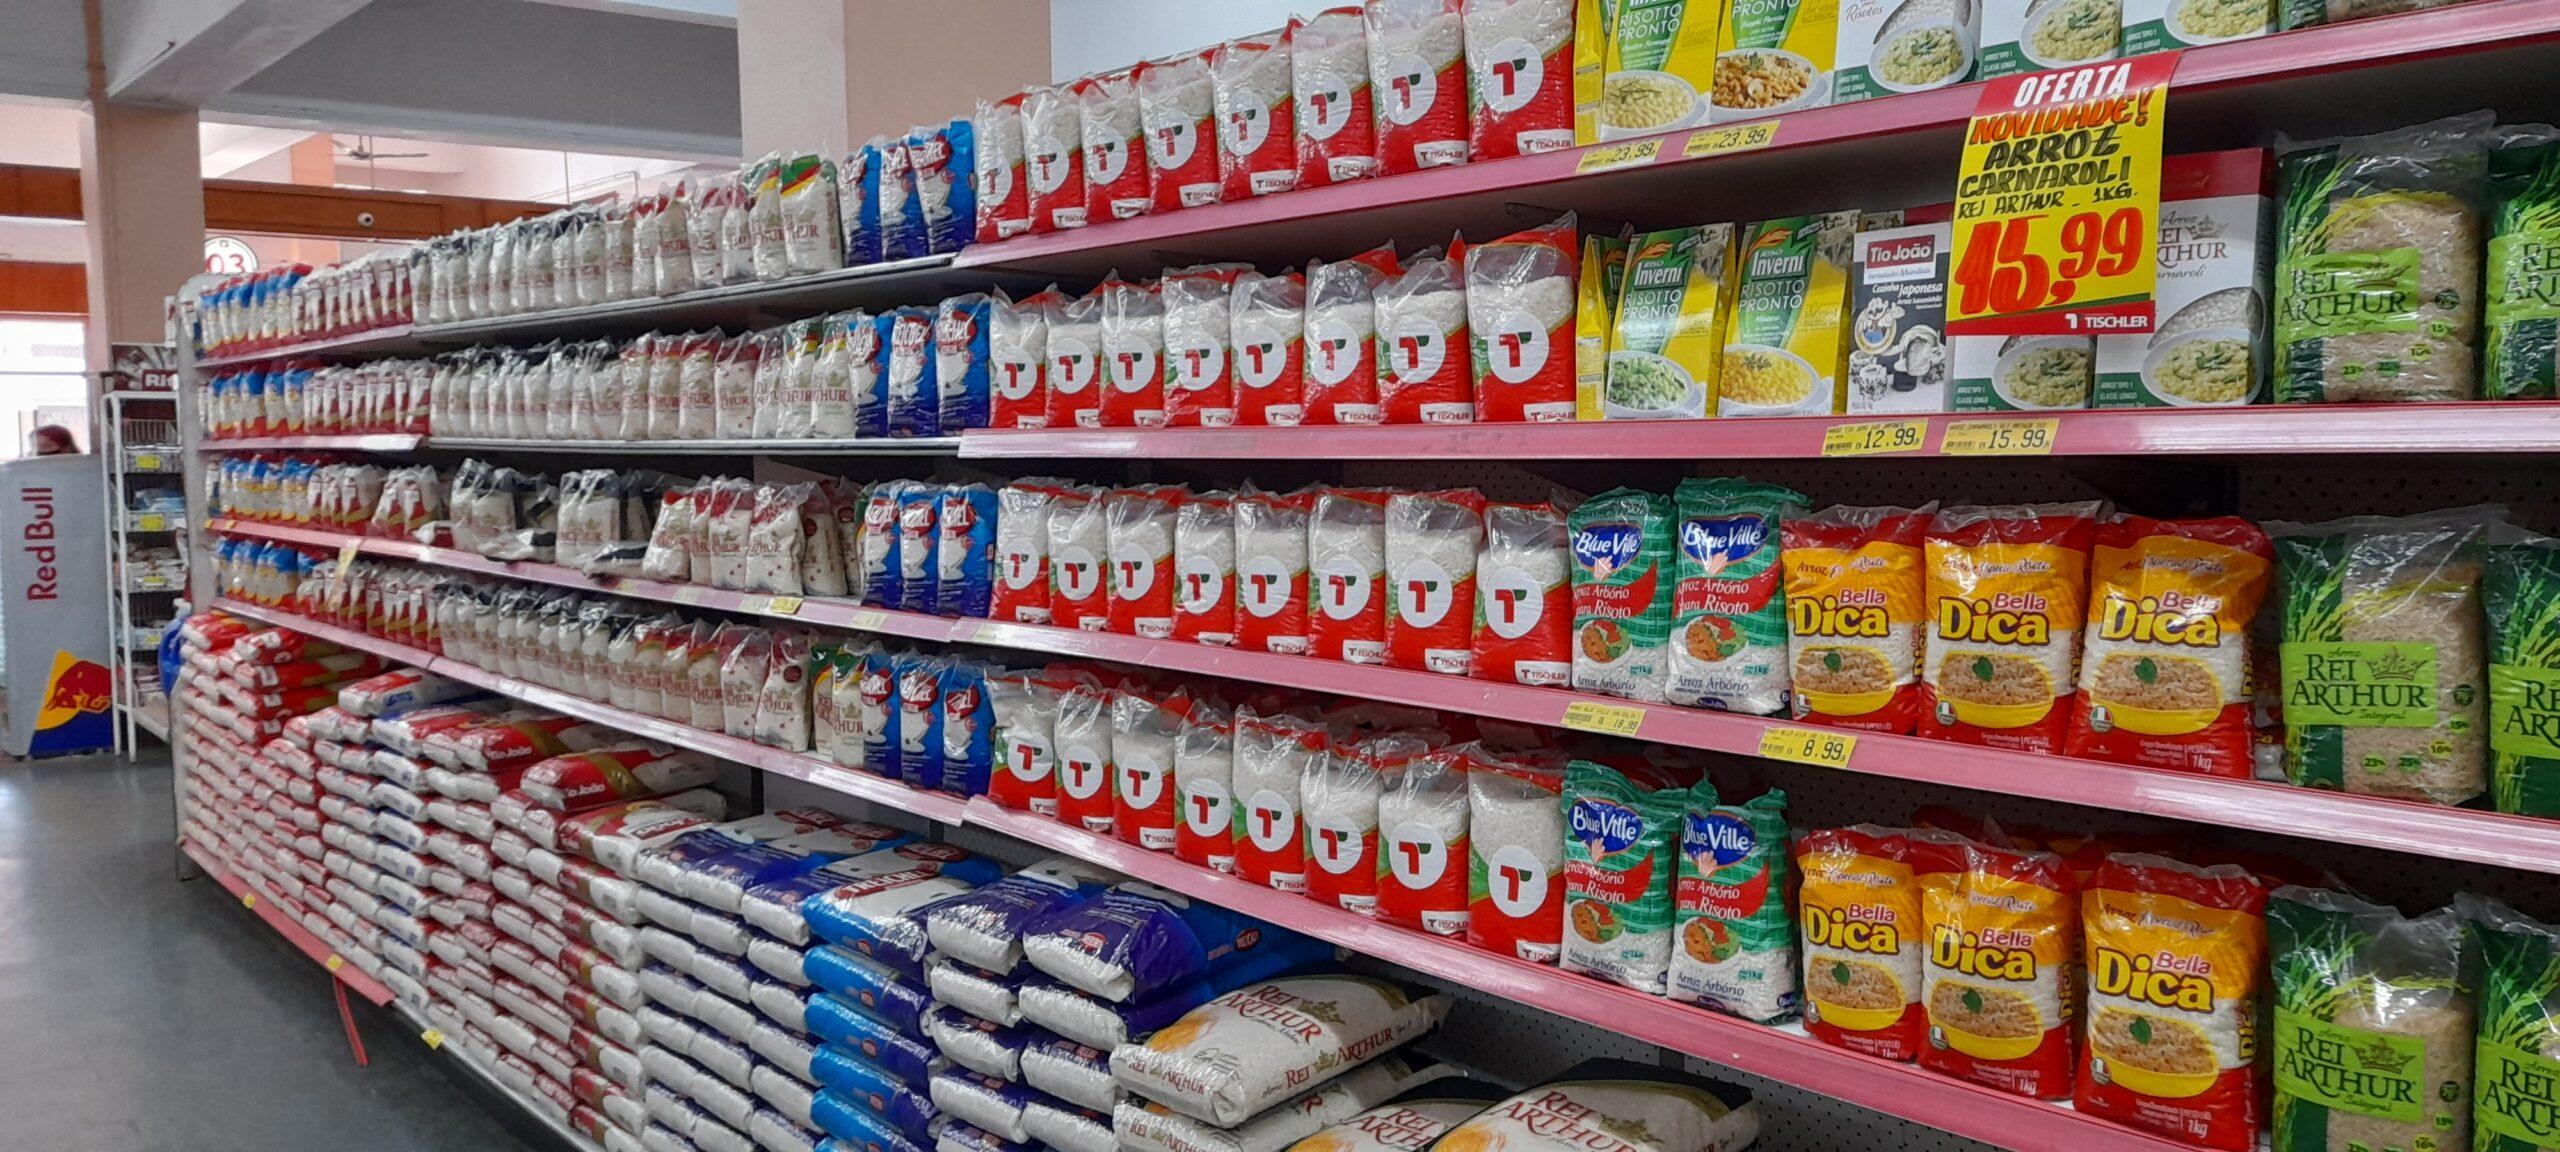 Arroz está entre os produtos que os supermercadistas consideram com alta exagerada (Foto: Robispierre Giuliani)